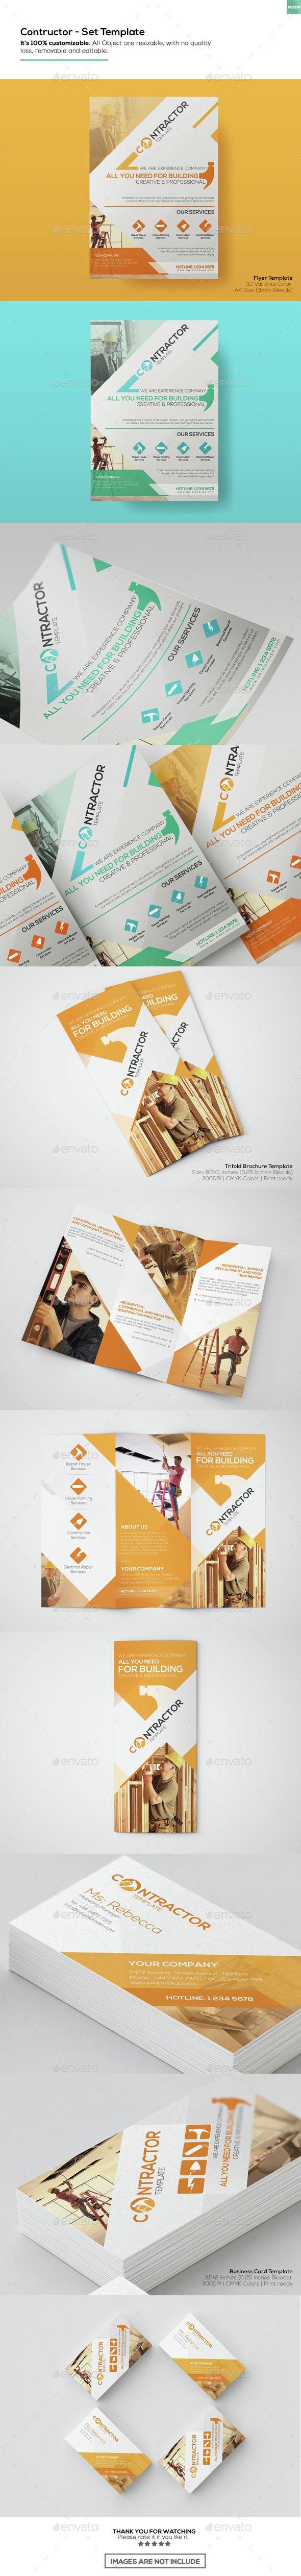 Contractor - Set Templates - Informational #Brochures | Download http://graphicriver.net/item/contractor-set-templates/15314033?ref=sinzo